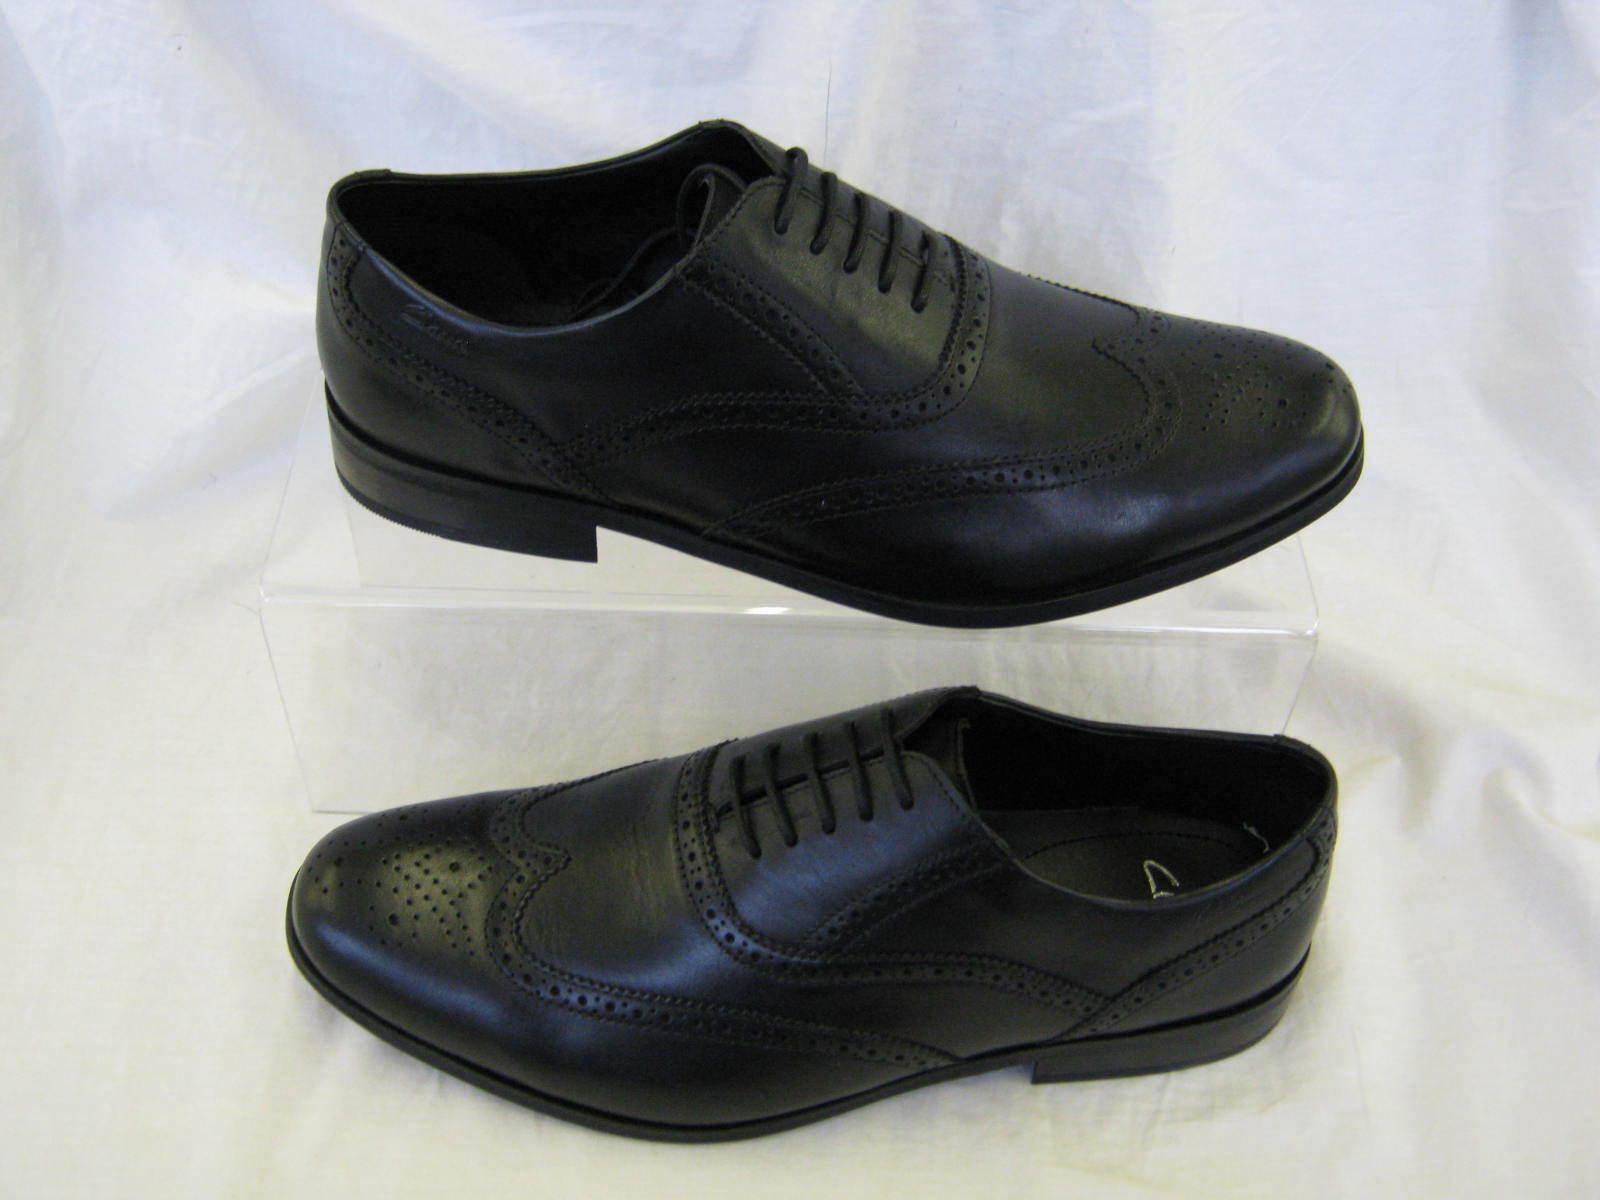 Herren Clarks schwarzes Leder Spitze bis Schuh BRINT Brogues